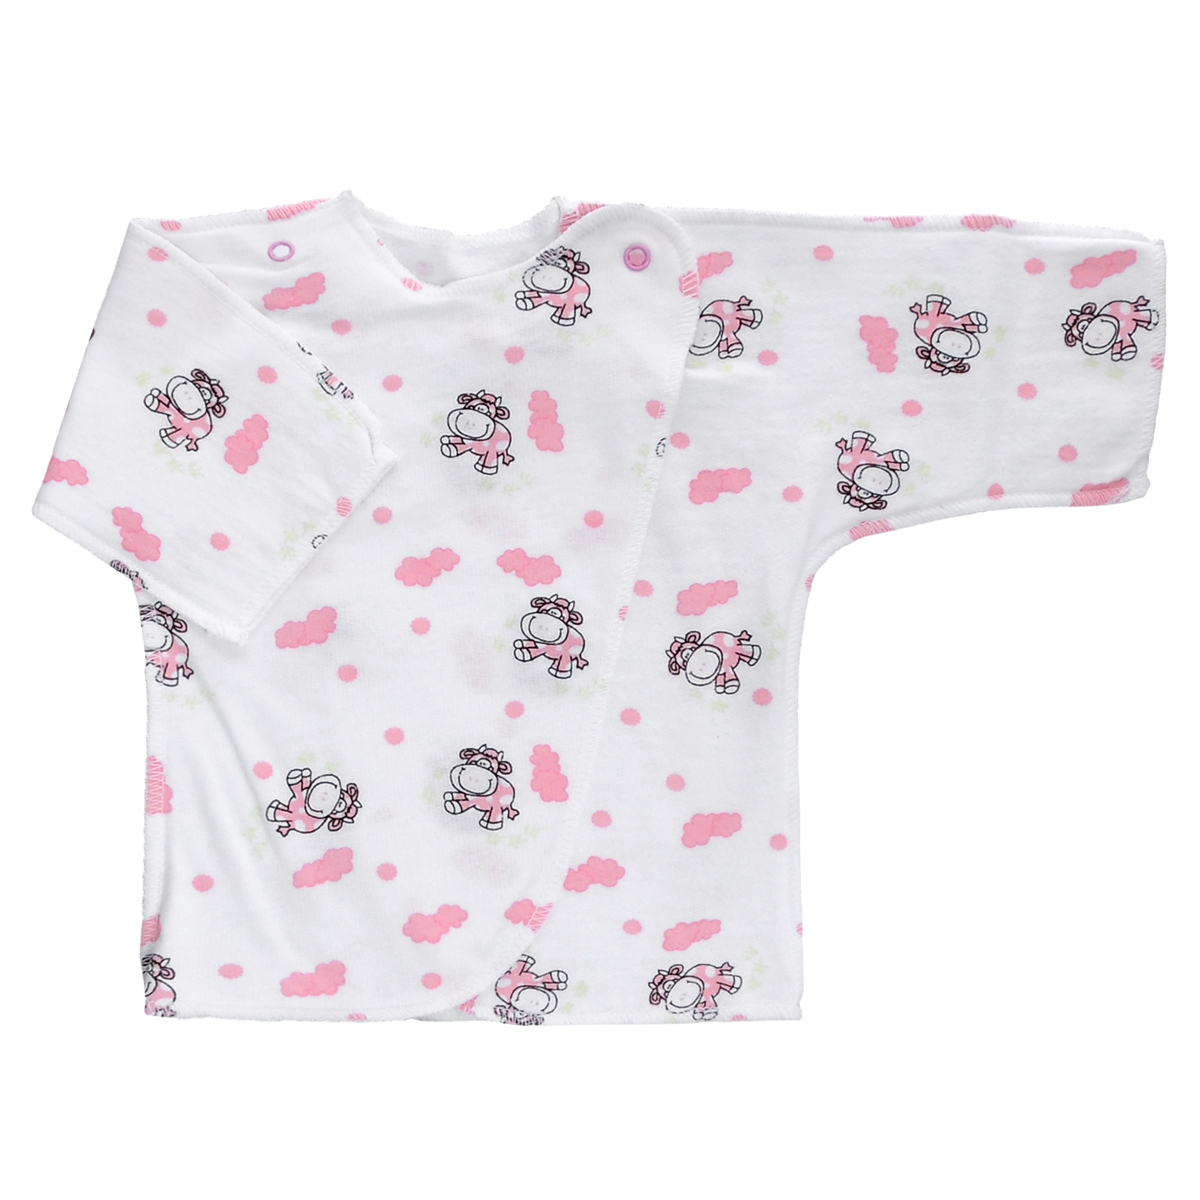 Распашонка Трон-Плюс, цвет: белый, розовый, рисунок коровы. 5022. Размер 50, 0-1 месяц5022Распашонка Трон-плюс послужит идеальным дополнением к гардеробу младенца. Распашонка с рукавами-кимоно, выполненная швами наружу, изготовлена из футера - натурального хлопка, благодаря чему она необычайно мягкая и легкая, не раздражает нежную кожу ребенка и хорошо вентилируется, а эластичные швы приятны телу малыша и не препятствуют его движениям. Распашонка с запахом, застегивается при помощи двух кнопок на плечах, которые позволяют без труда переодеть ребенка. Распашонка полностью соответствует особенностям жизни ребенка в ранний период, не стесняя и не ограничивая его в движениях.